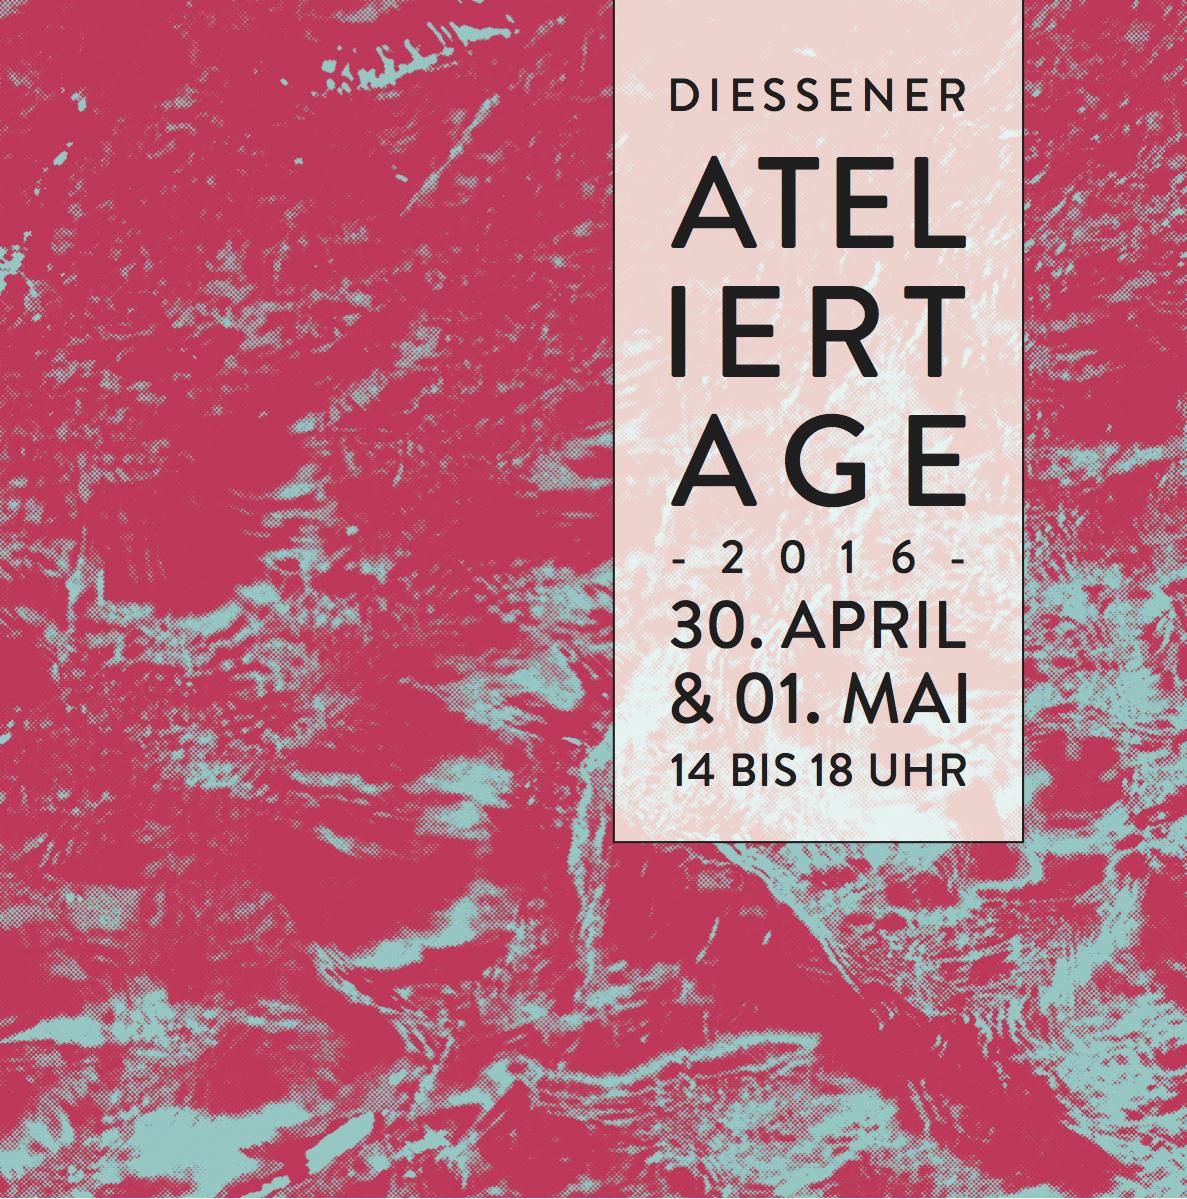 Coming Soon: die 2. Diessener Ateliertage